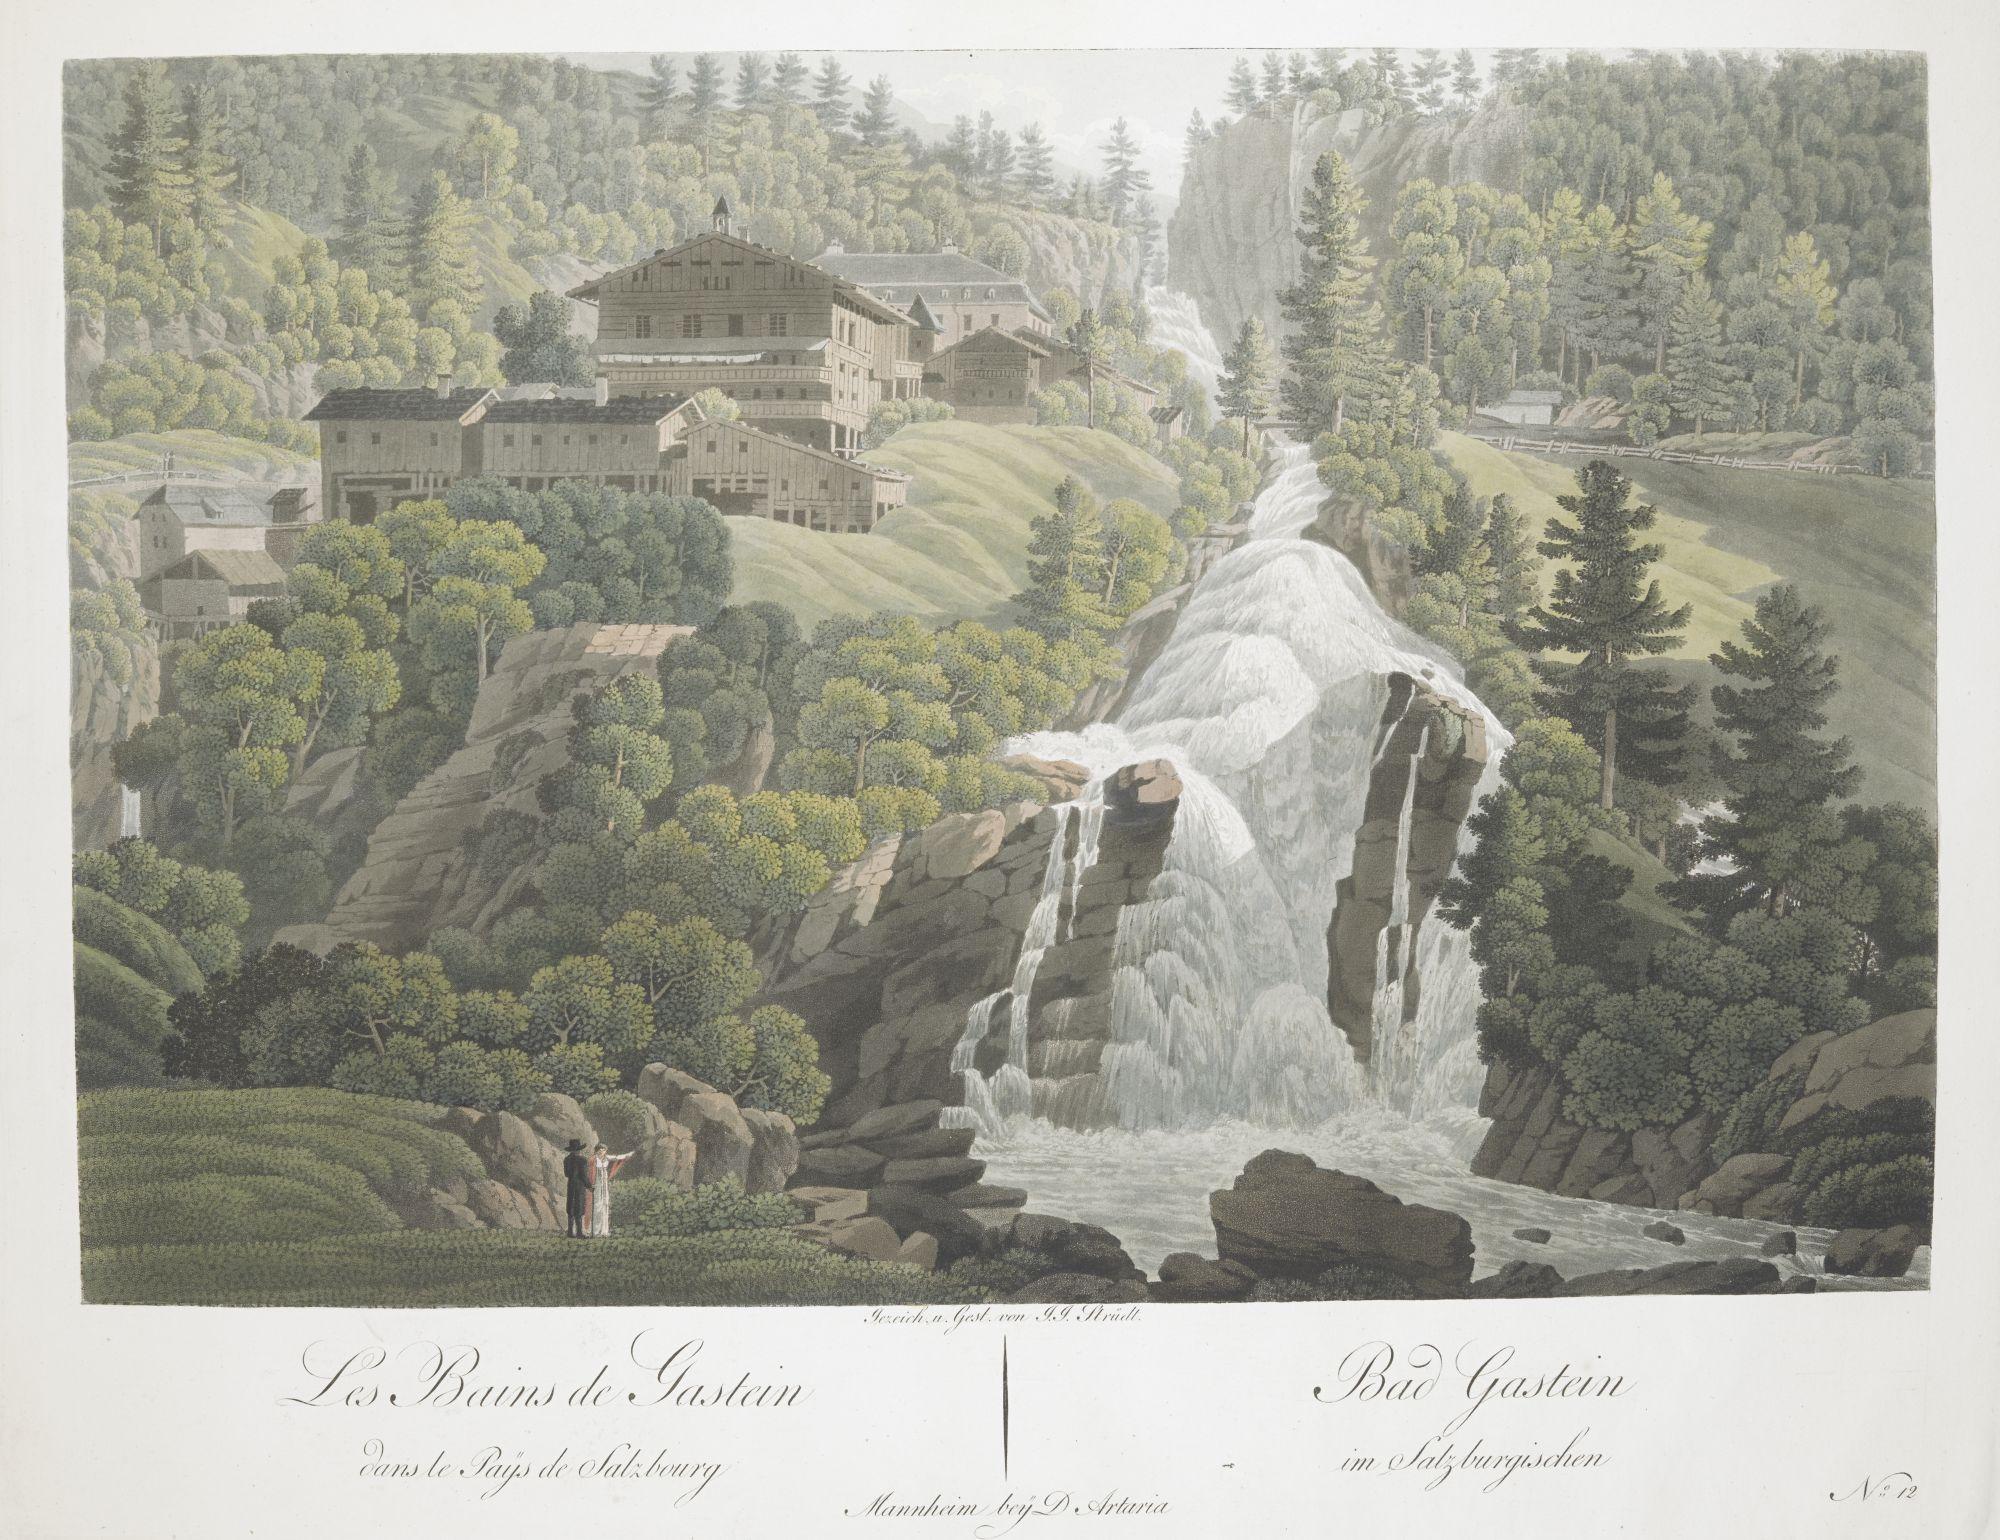 A view of Bad Gastein, Austria